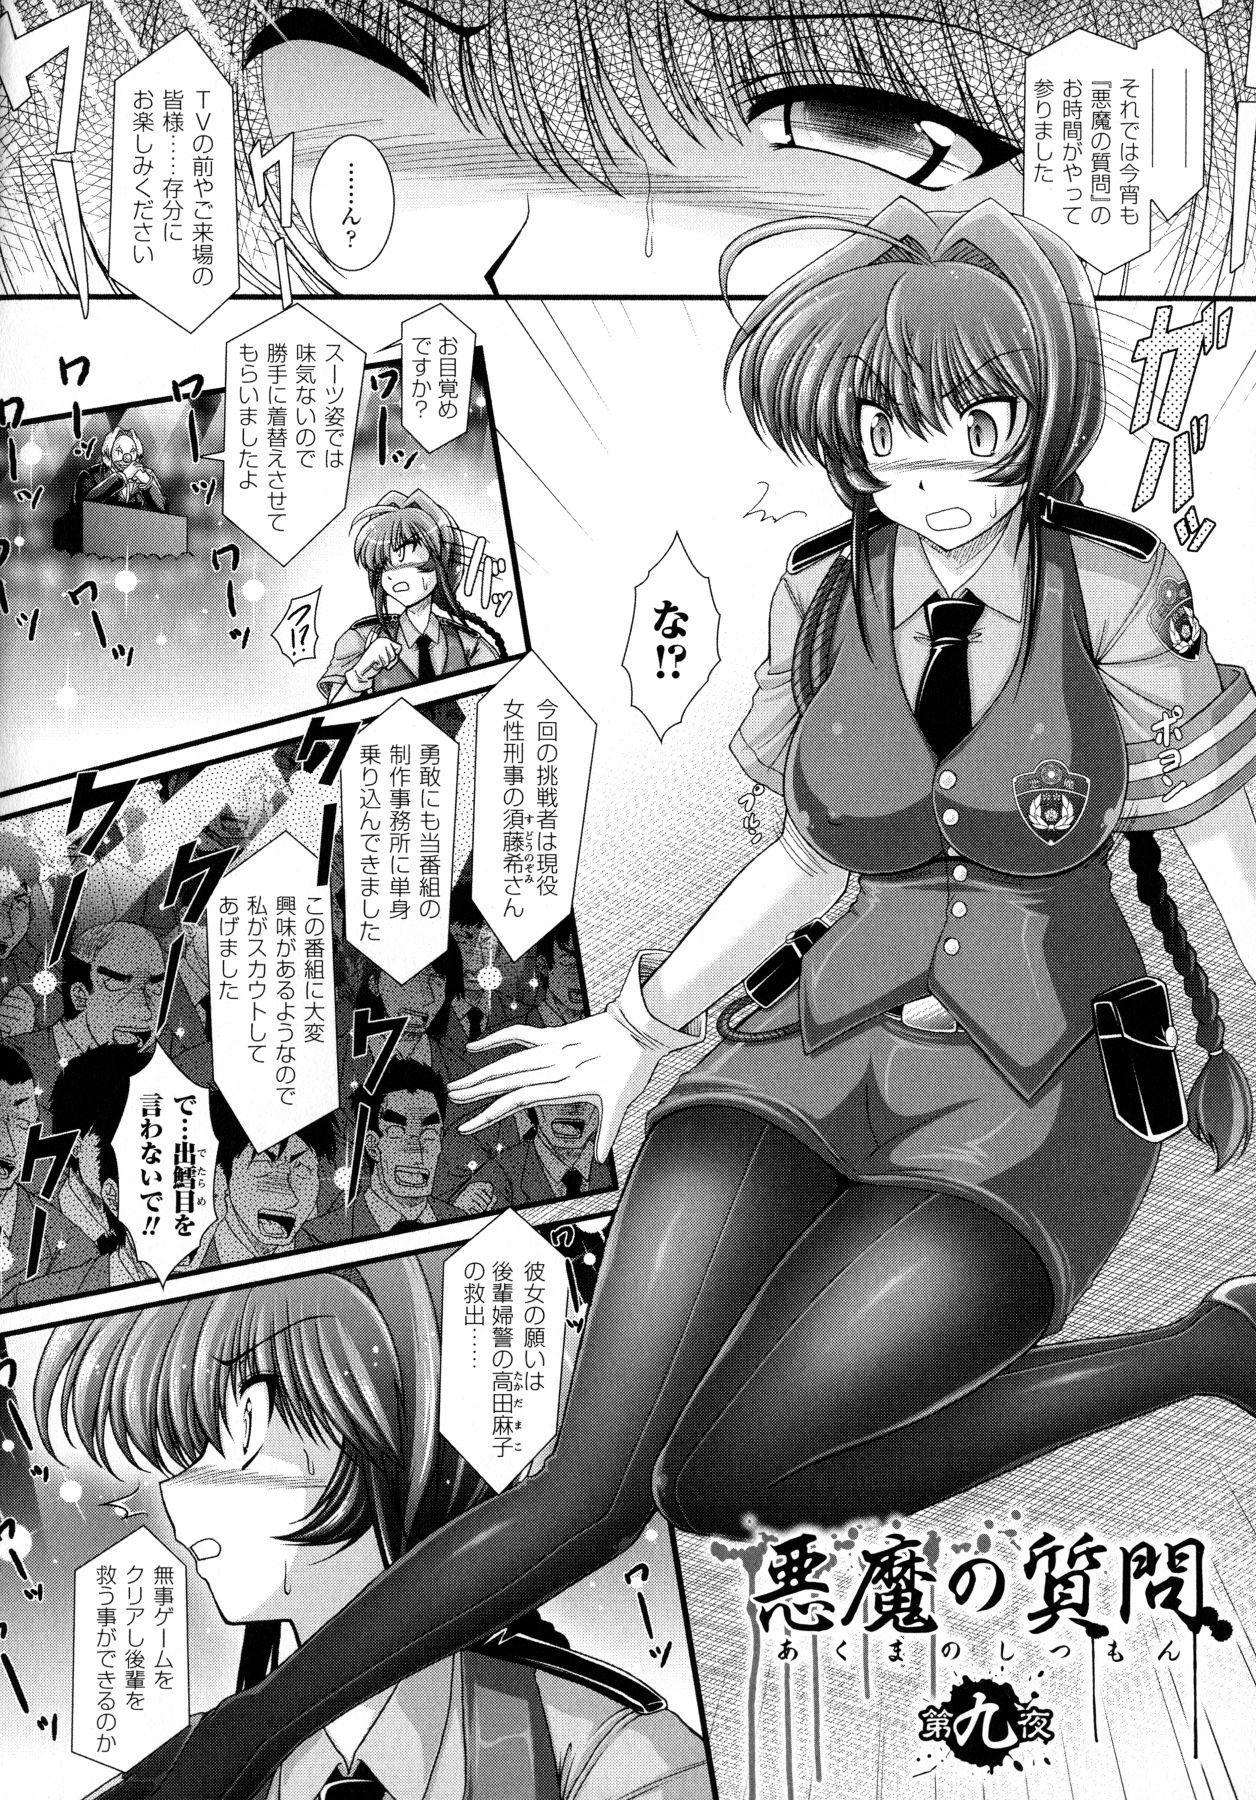 Akuma no Shitsumon 115